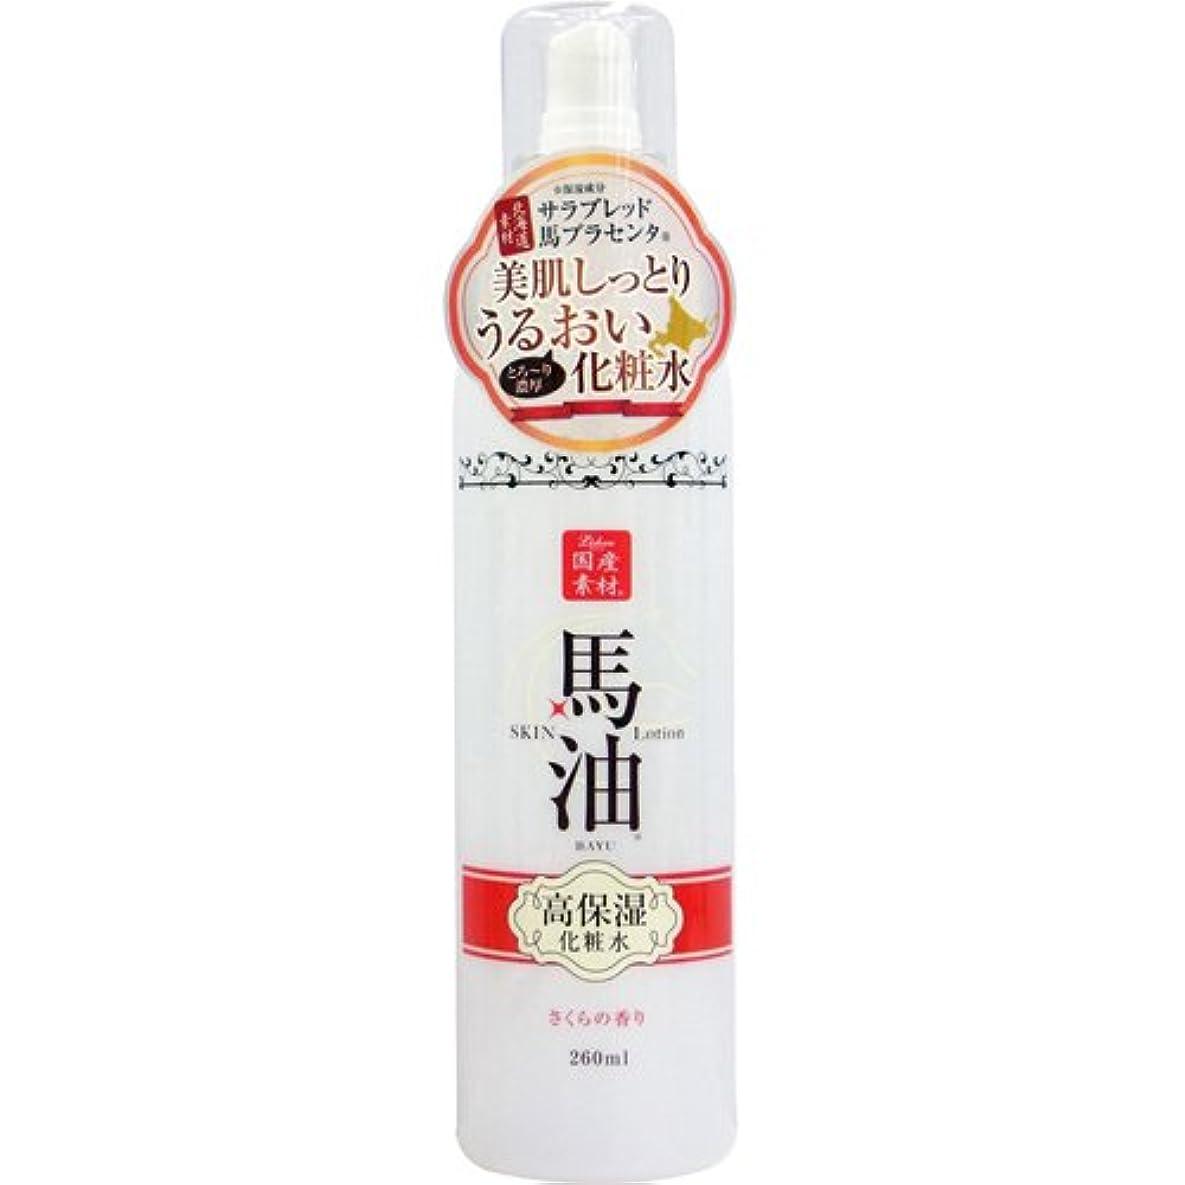 直立ゲージ立ち向かうリシャン 馬油化粧水 (さくらの香り) (260mL)